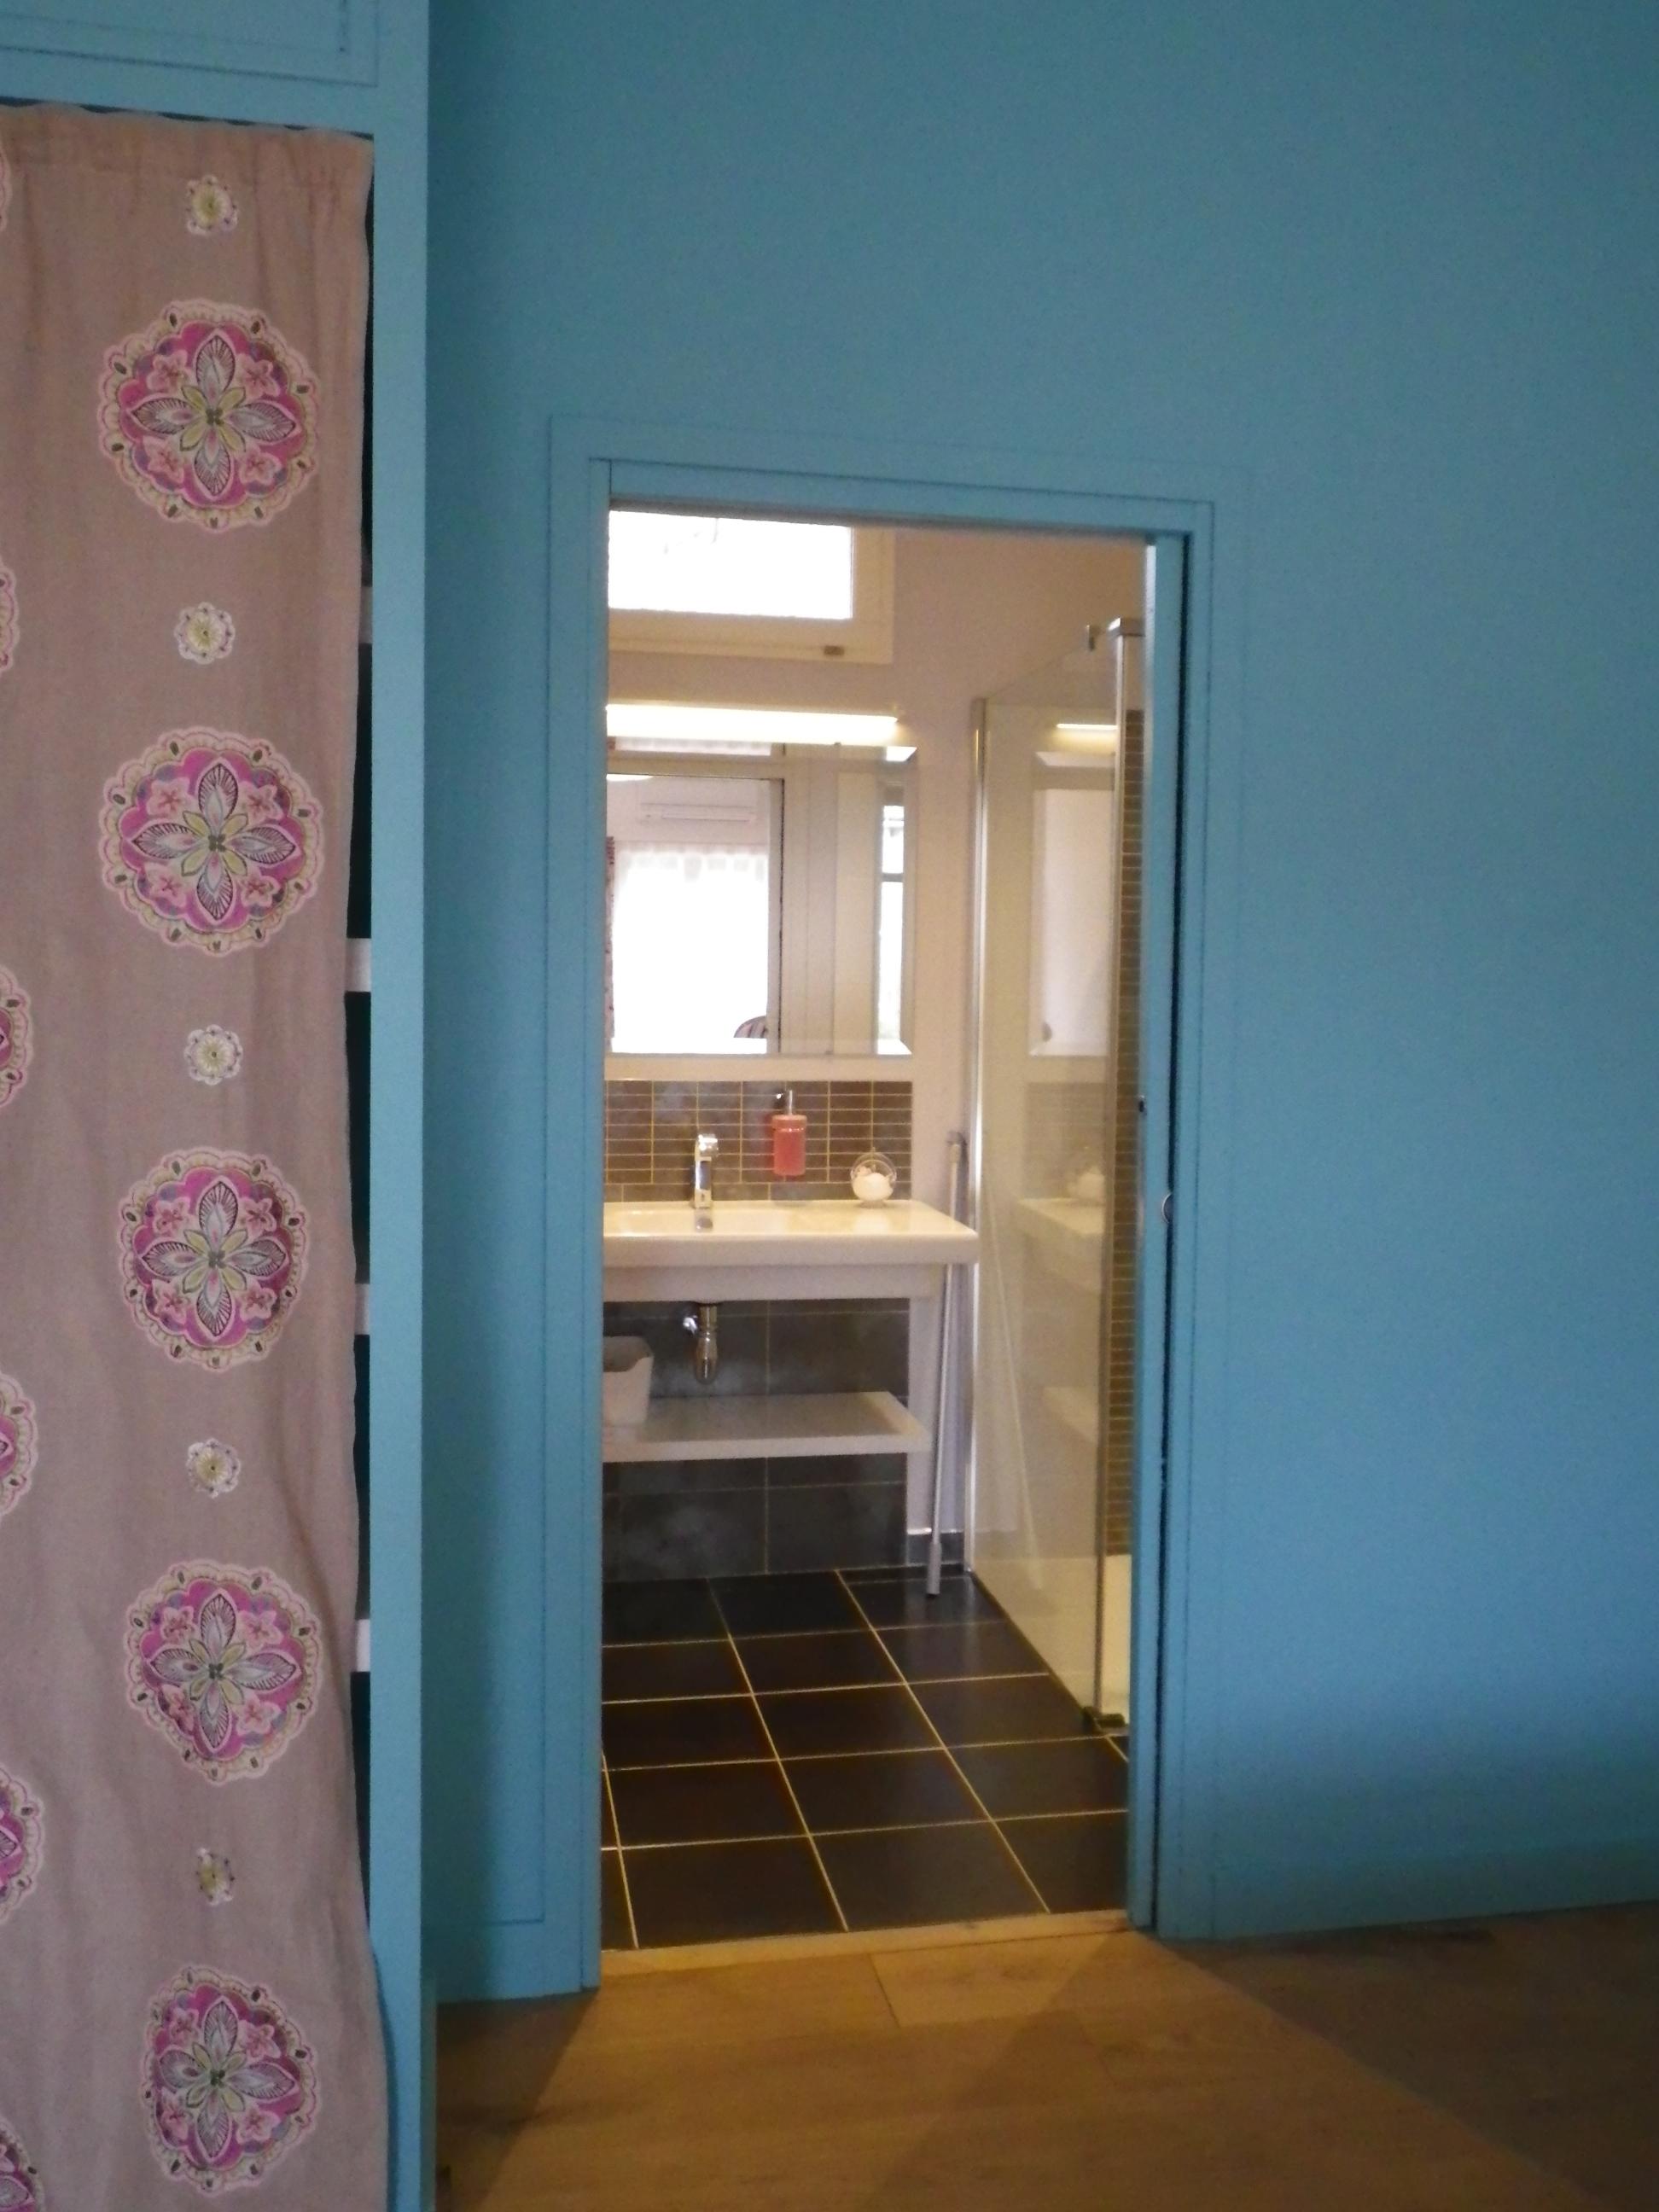 Chambres d 39 hotes canaules vue salle de bains sous le fr ne for Salle de bains in english